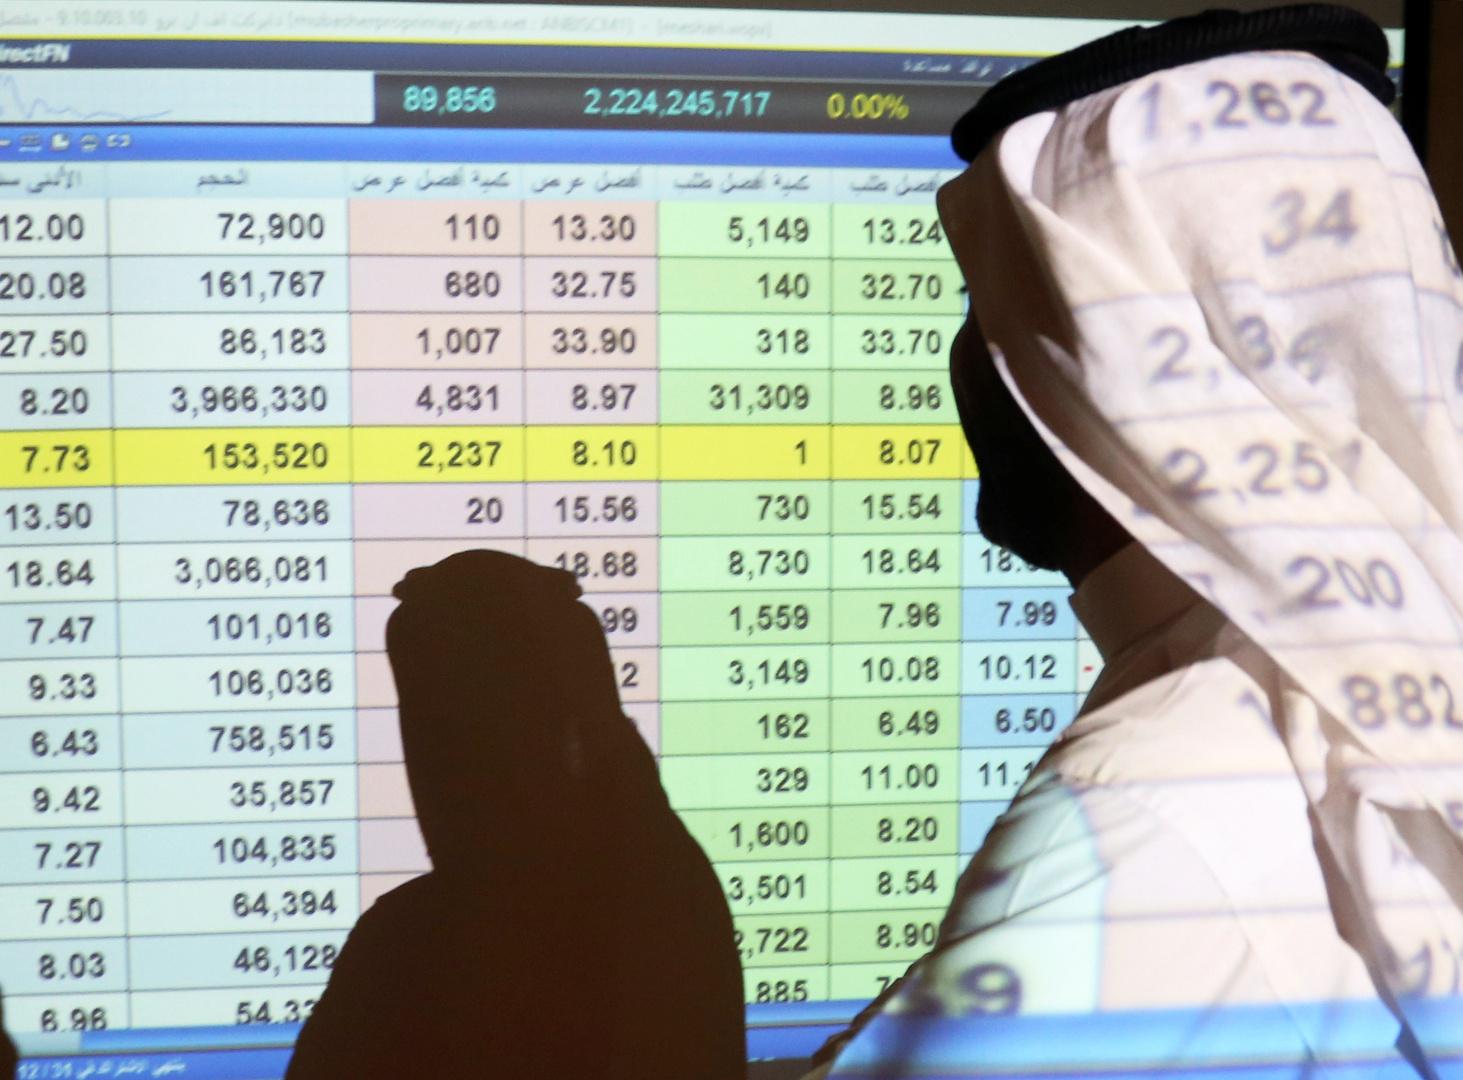 للمرة الأولى.. ودائع البنوك السعودية تتخطى تريليوني ريال